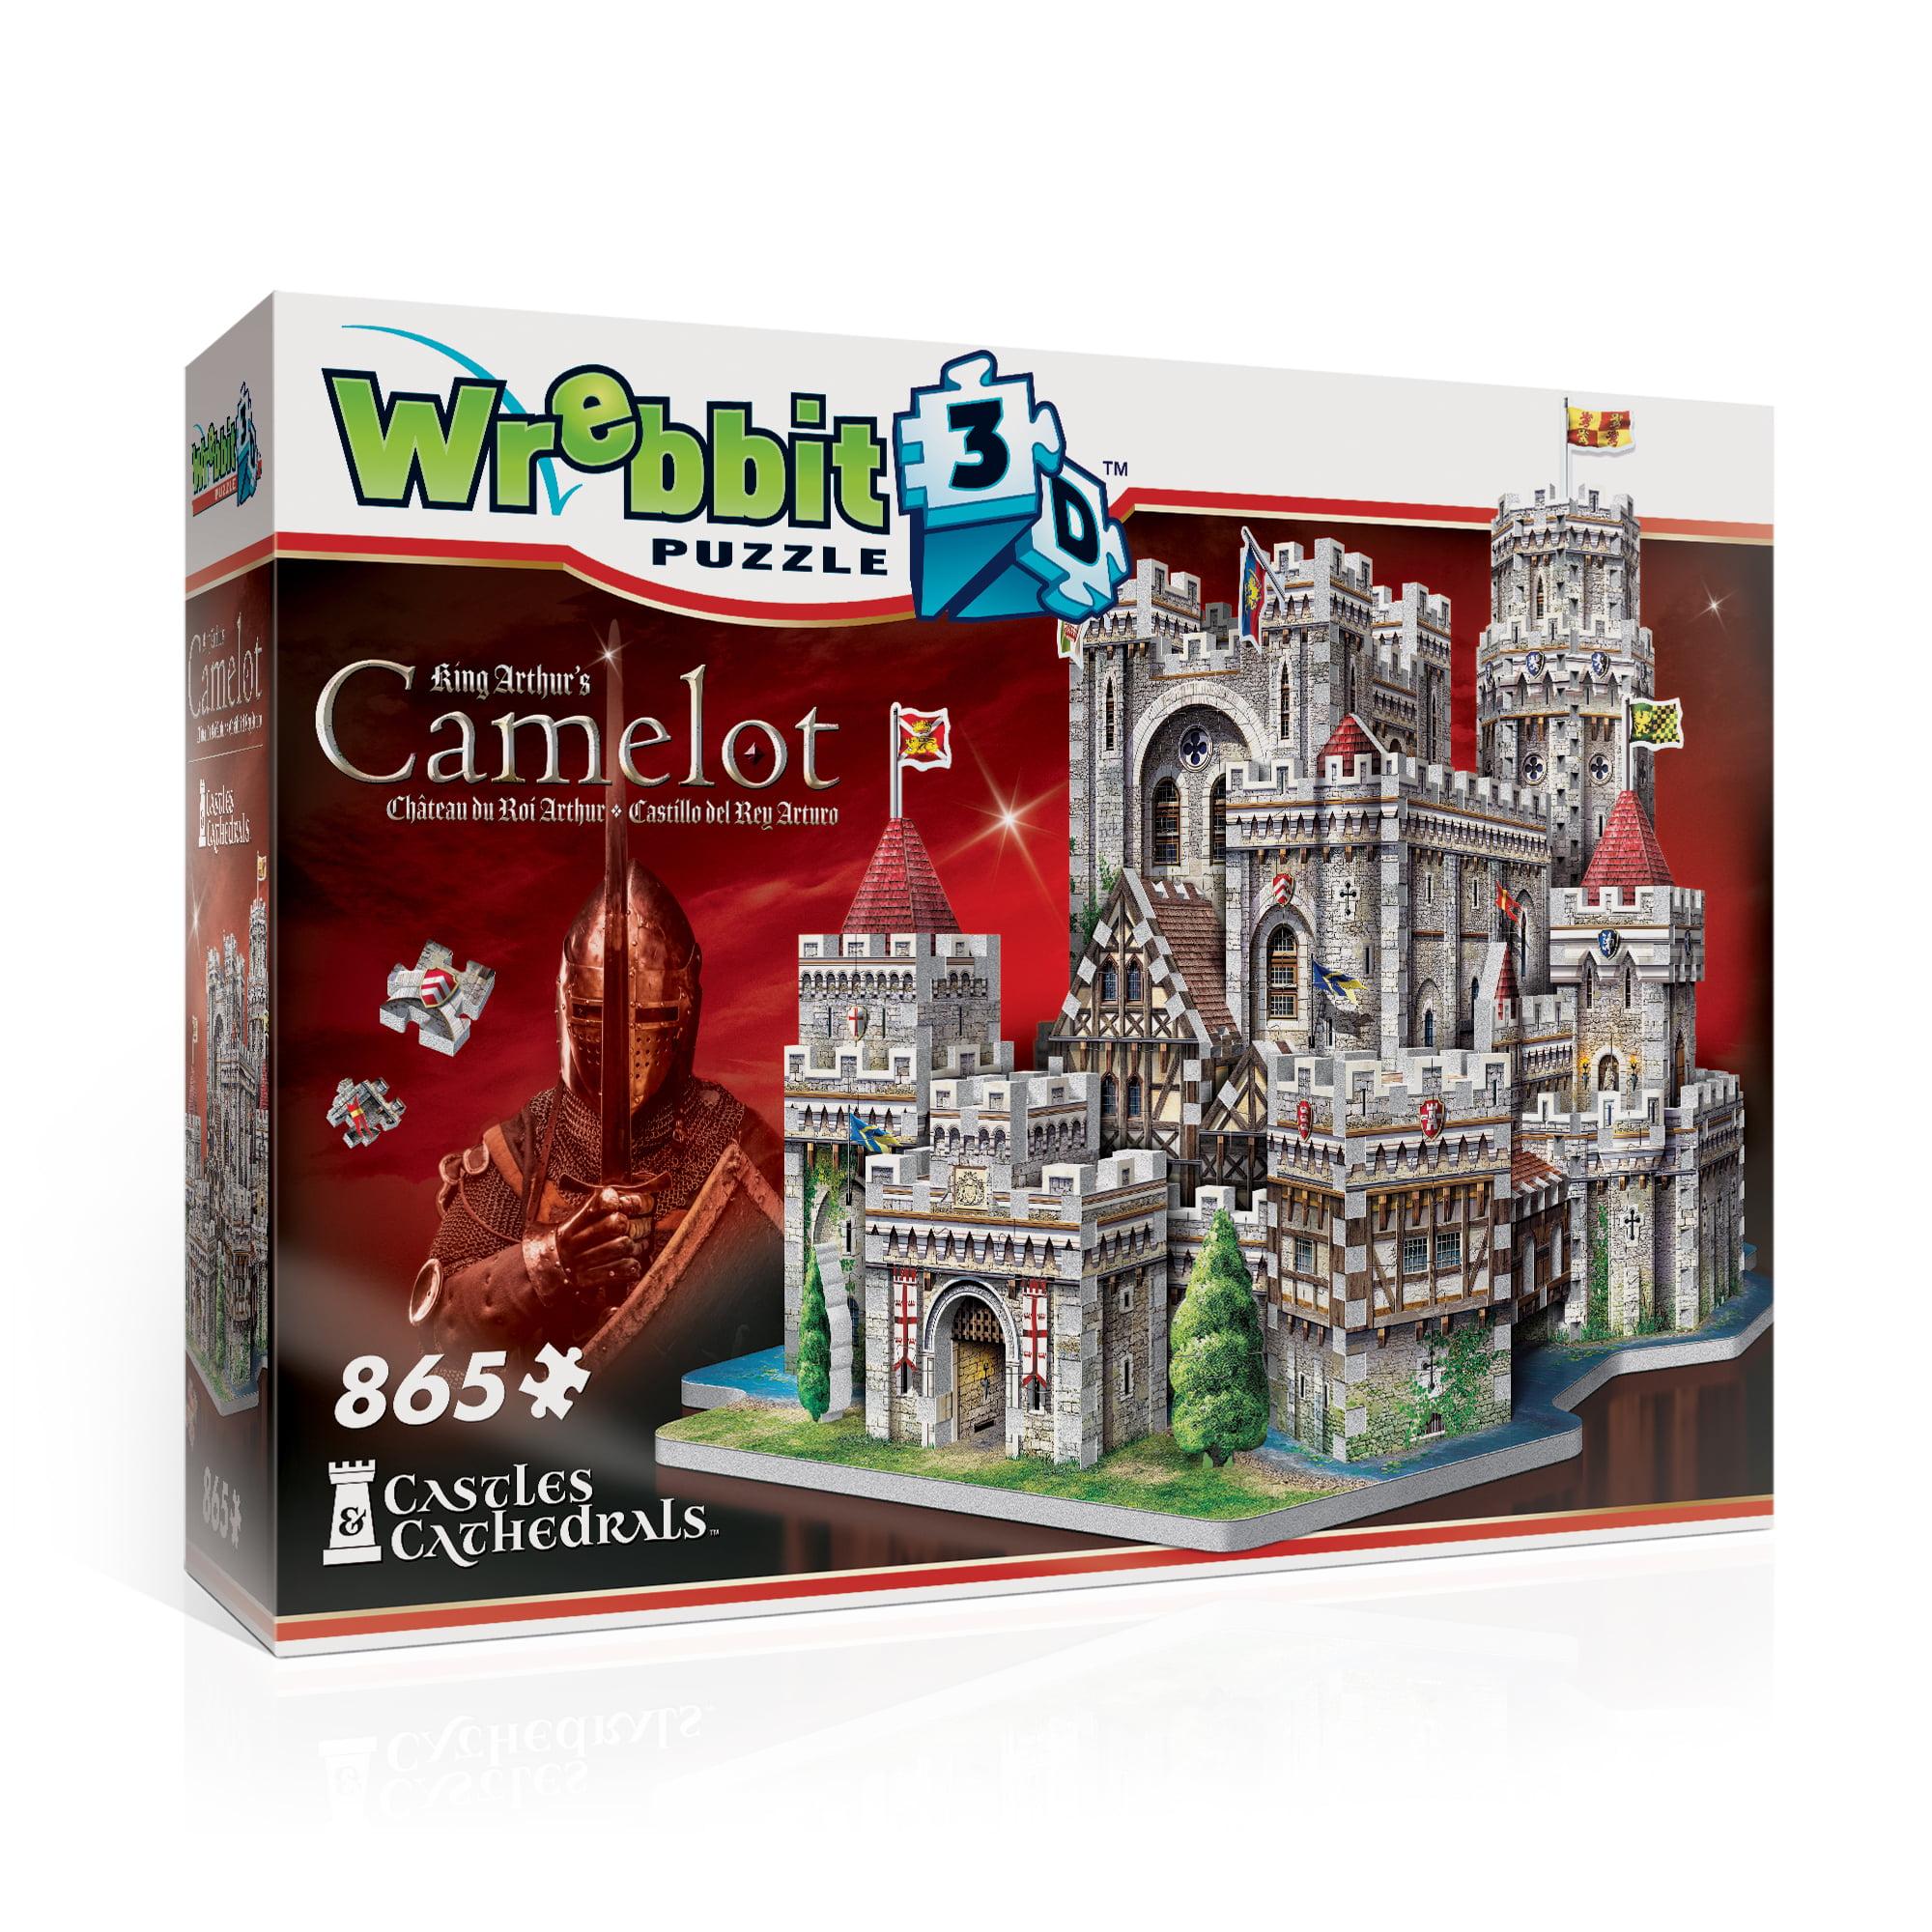 King Arthur's Camelot 3D Puzzle: 865 Pcs by Wrebbit Puzzles, Inc.